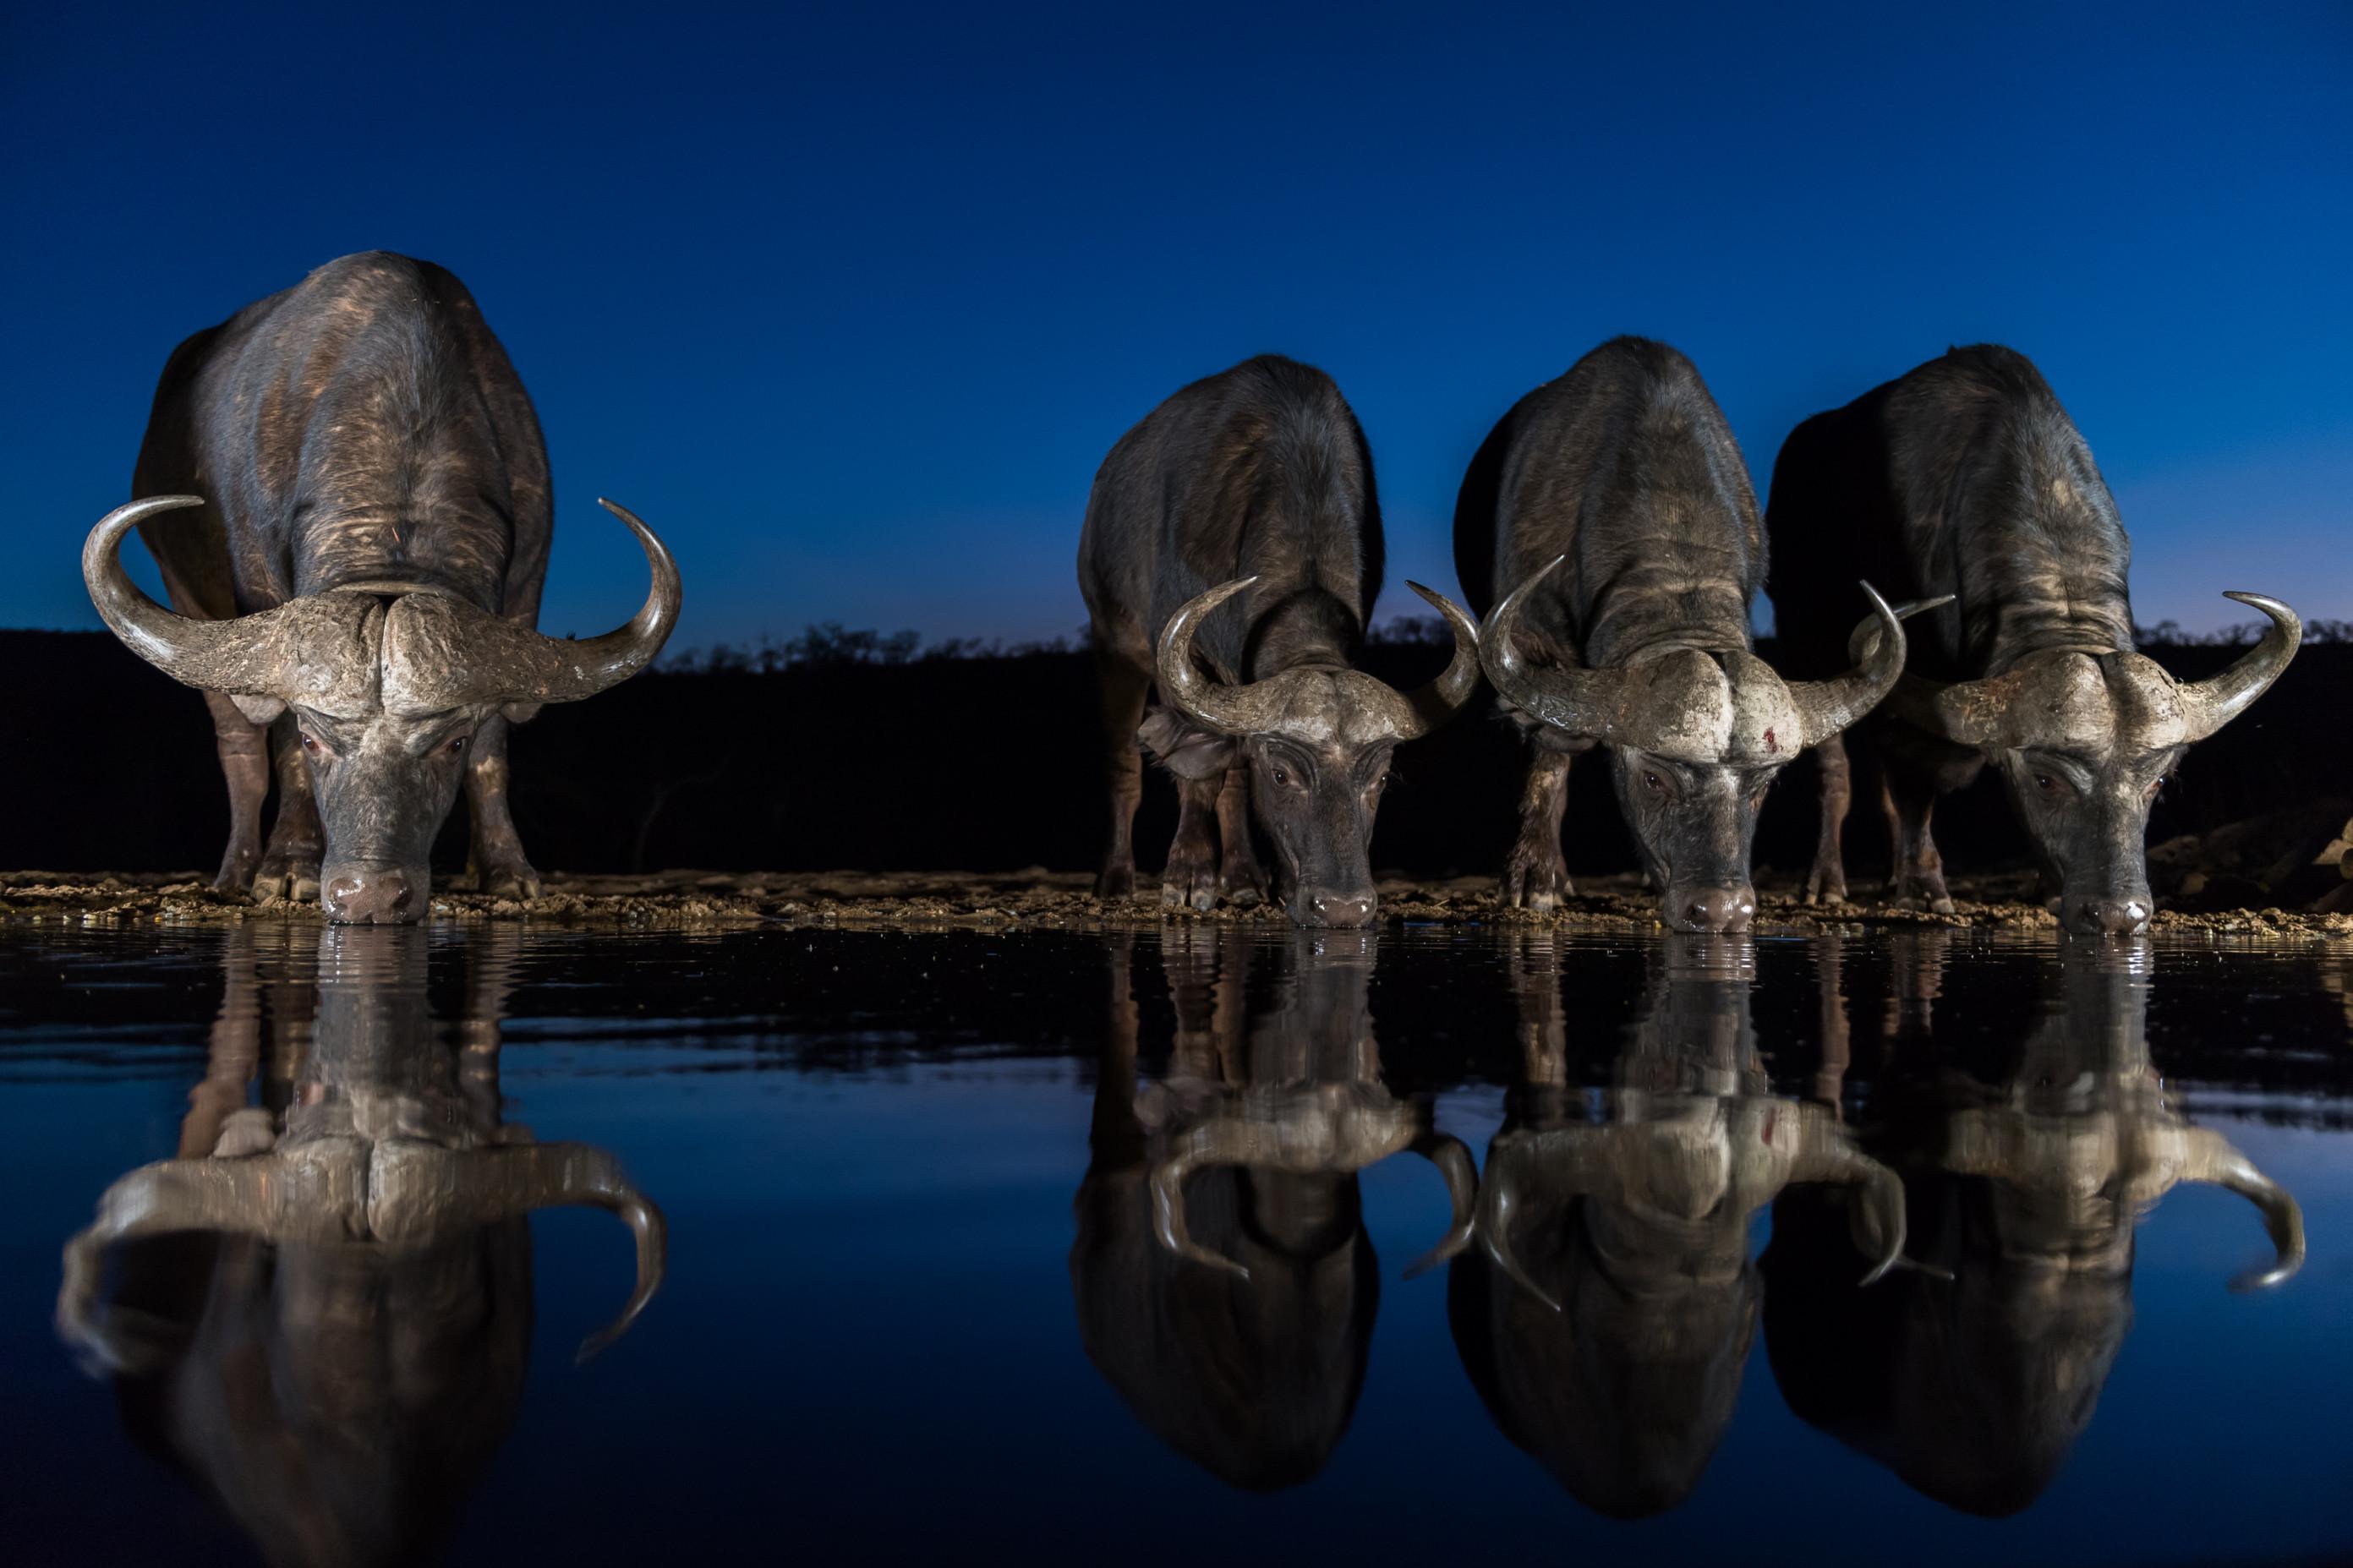 wildlife zimanga 3979